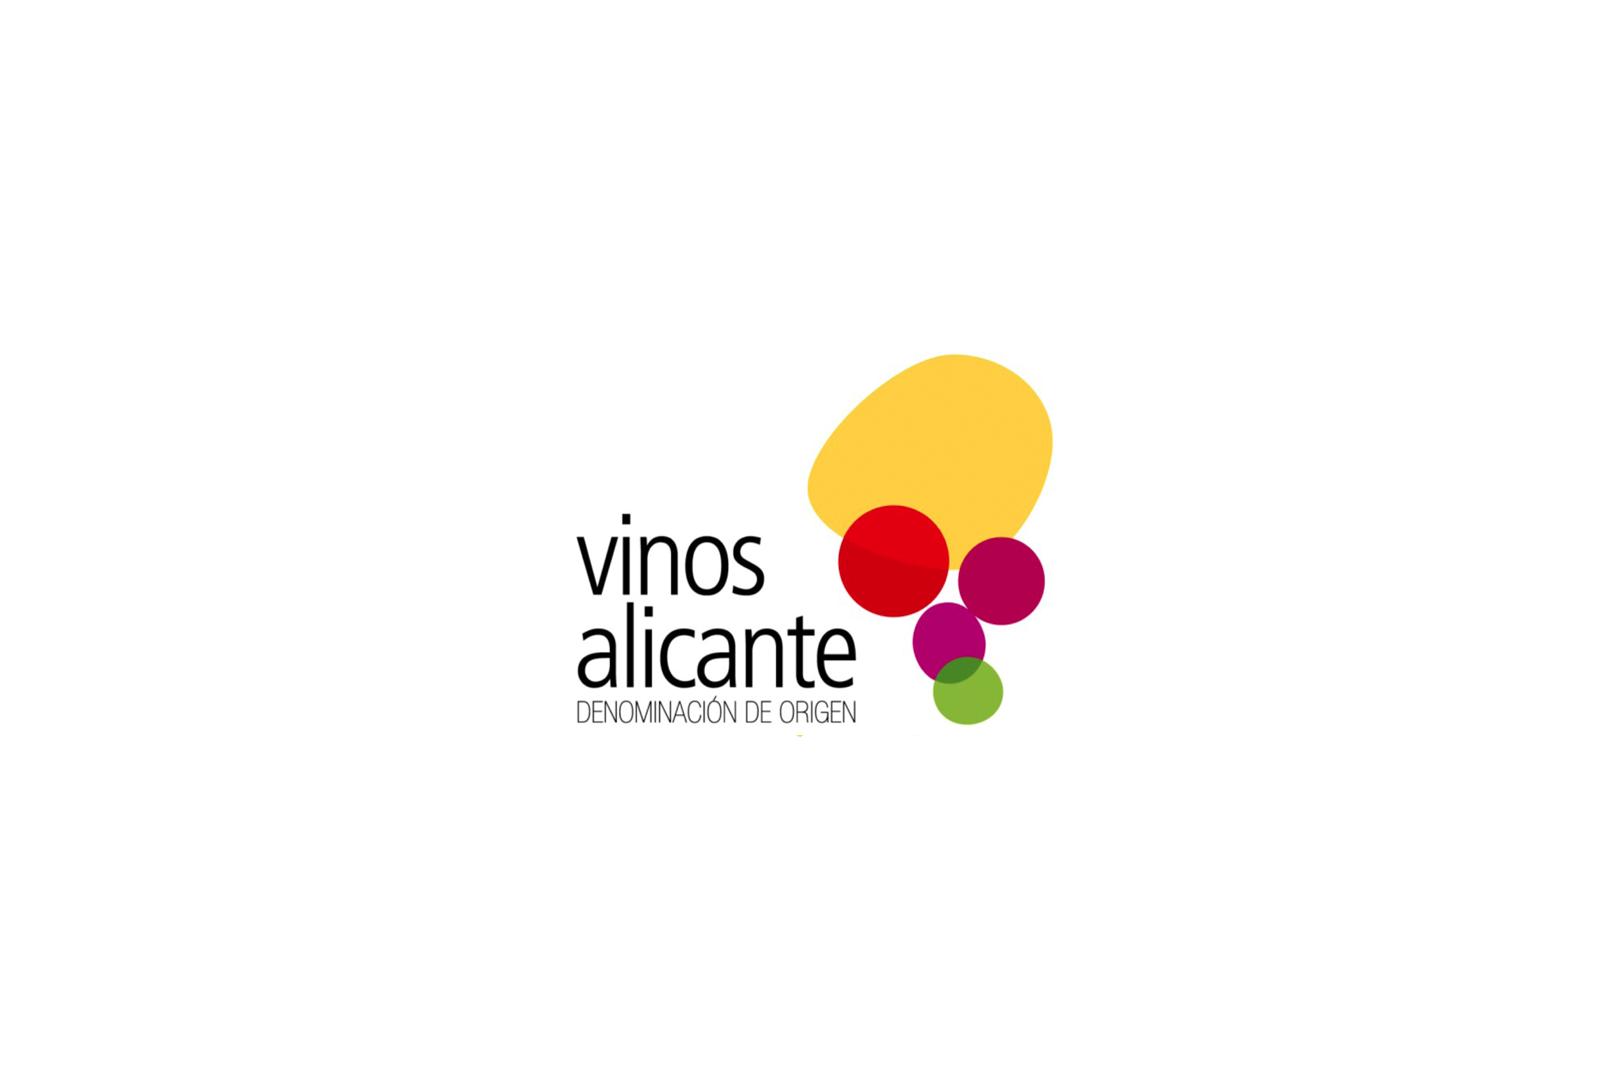 Vinos Alicante DOP en Peñín 2016.